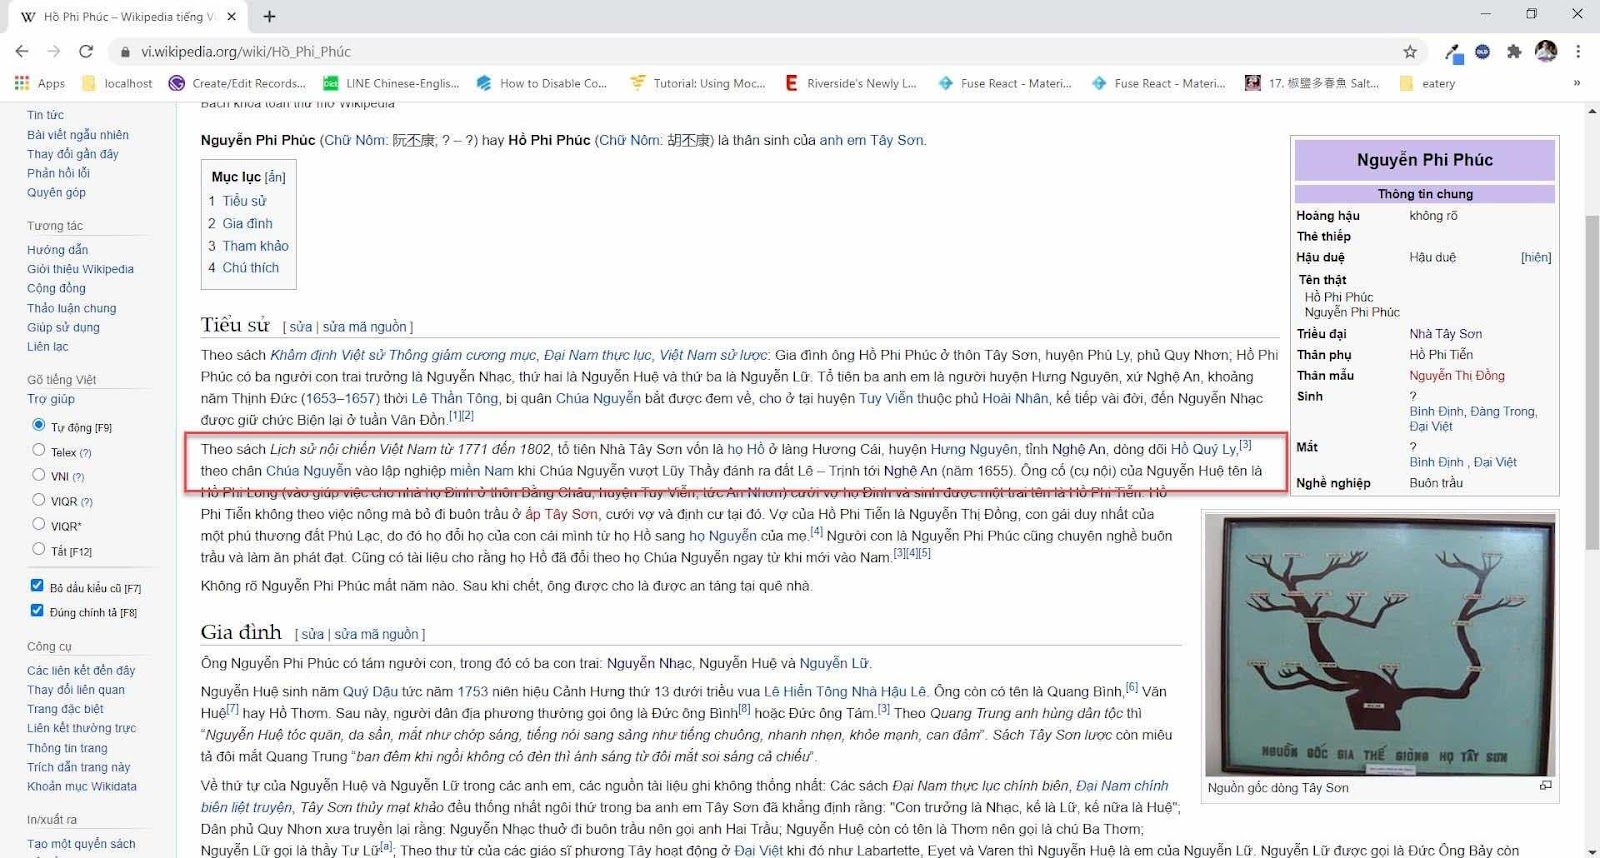 Về Wikipedia tiếng Việt viết sử ông Hồ Phi Phúc, ông tổ nhà Tây Sơn, xạo thế đấy